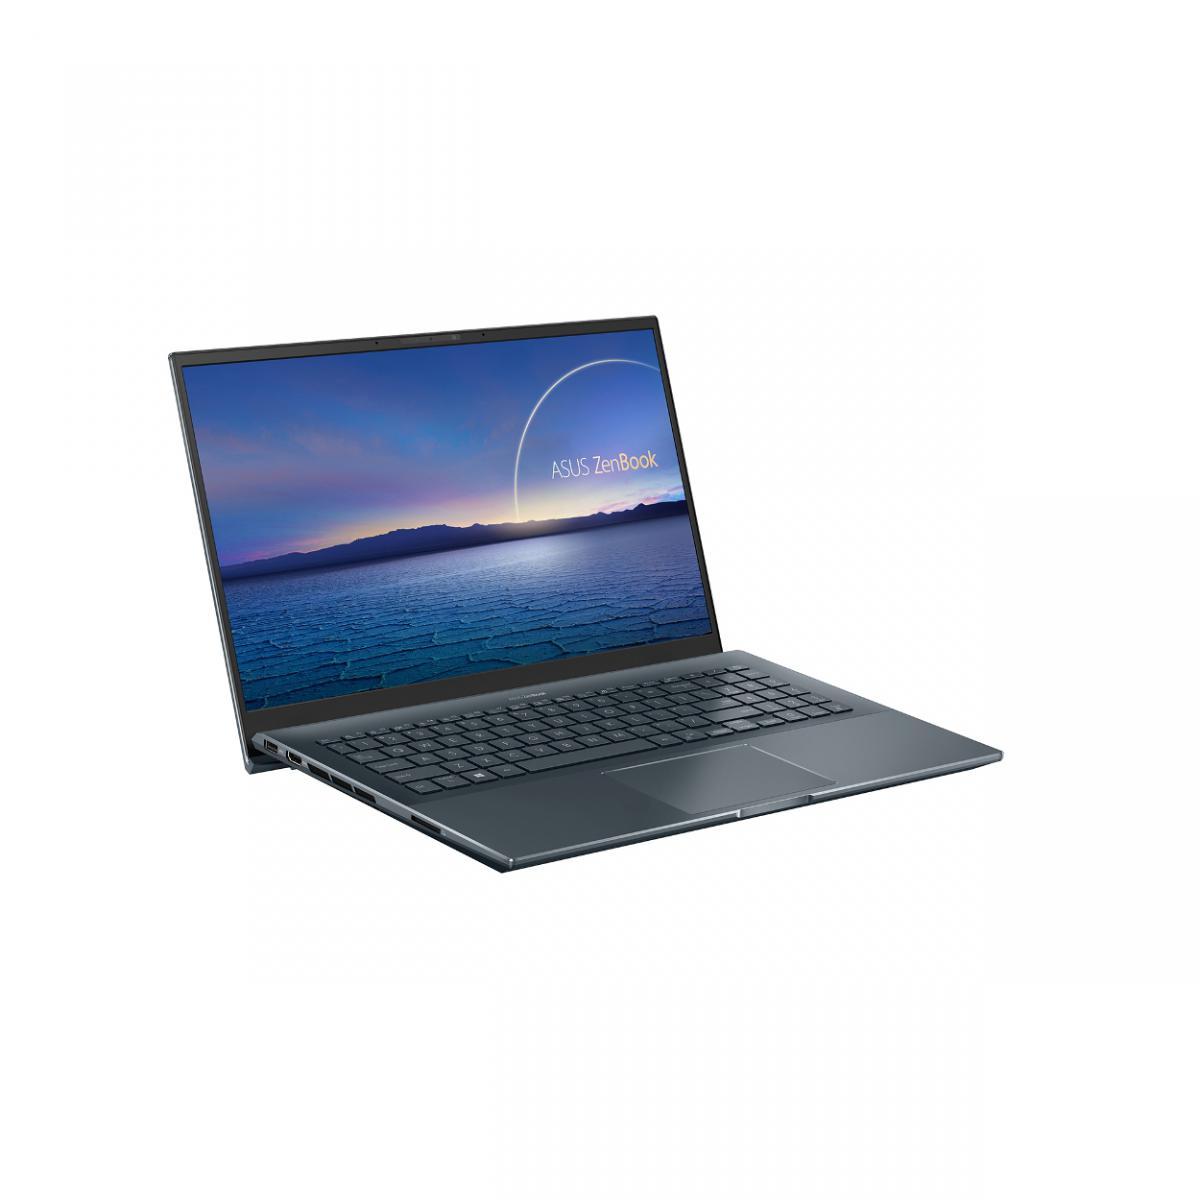 Asus ZenBook Pro 15 UX535LH-BN002T - Gris